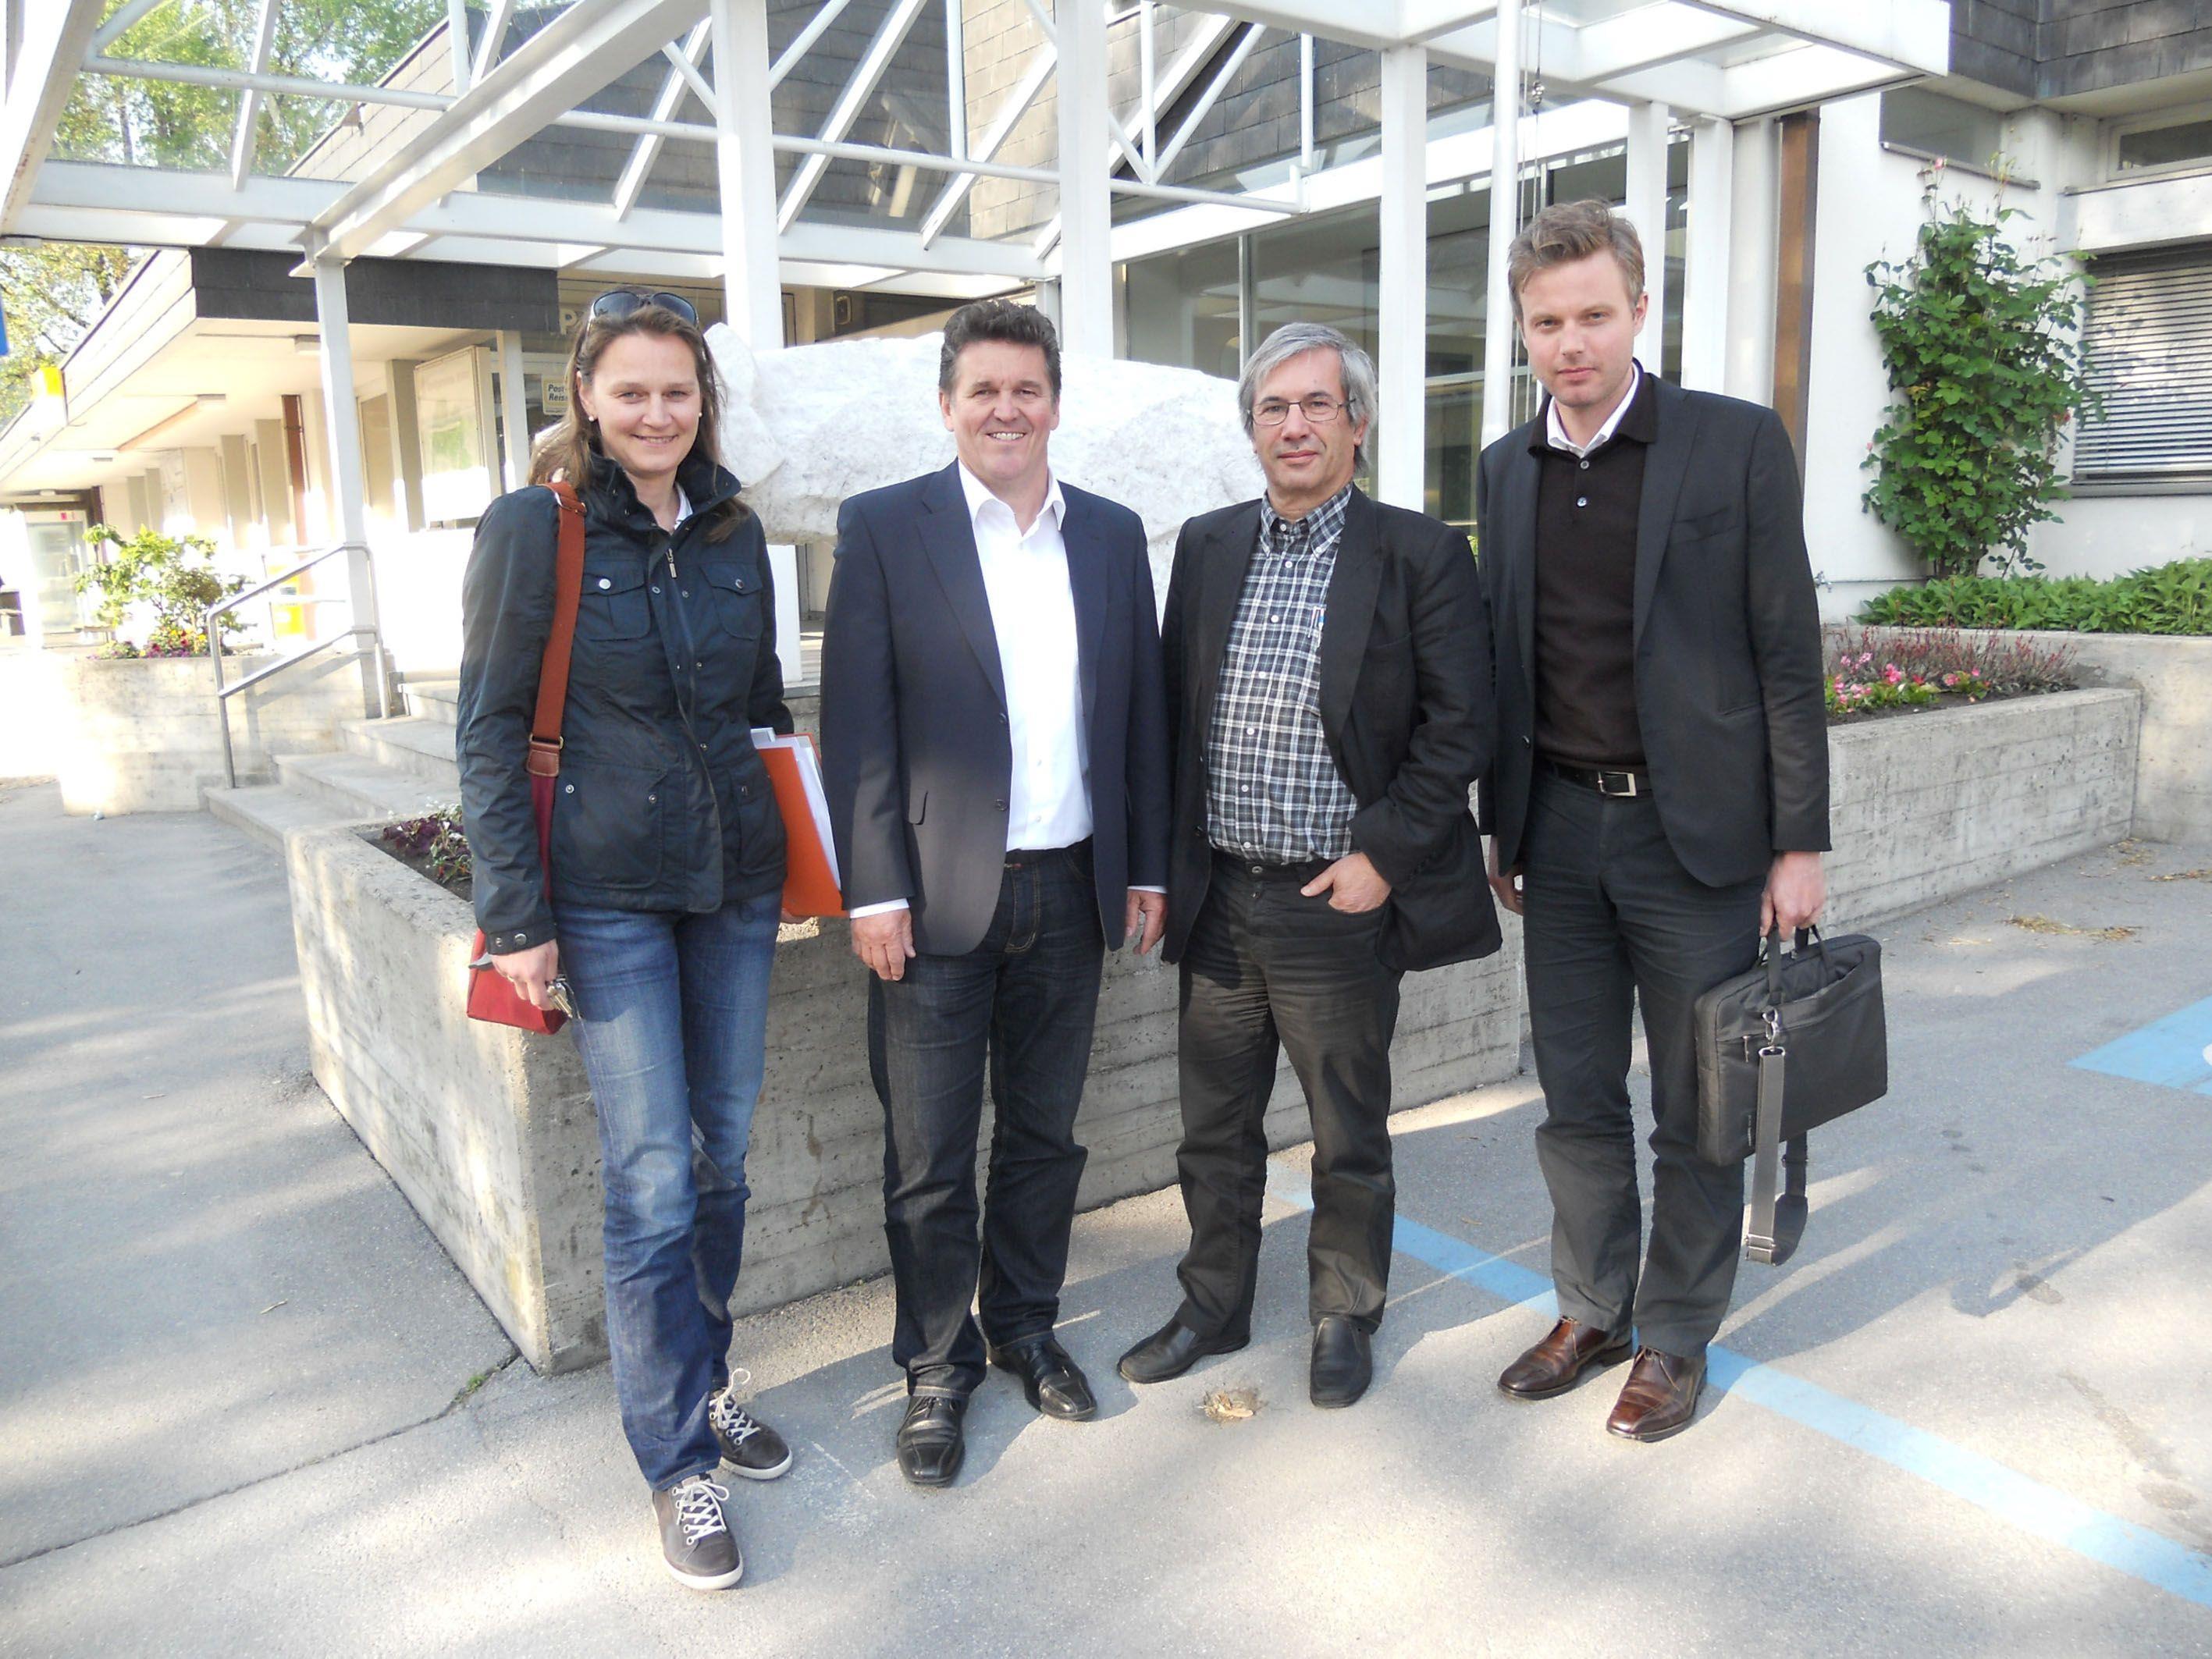 Bgm. Christian Natter (2. v. li) mit den Mitgliedern des Gestaltungsbeirates.